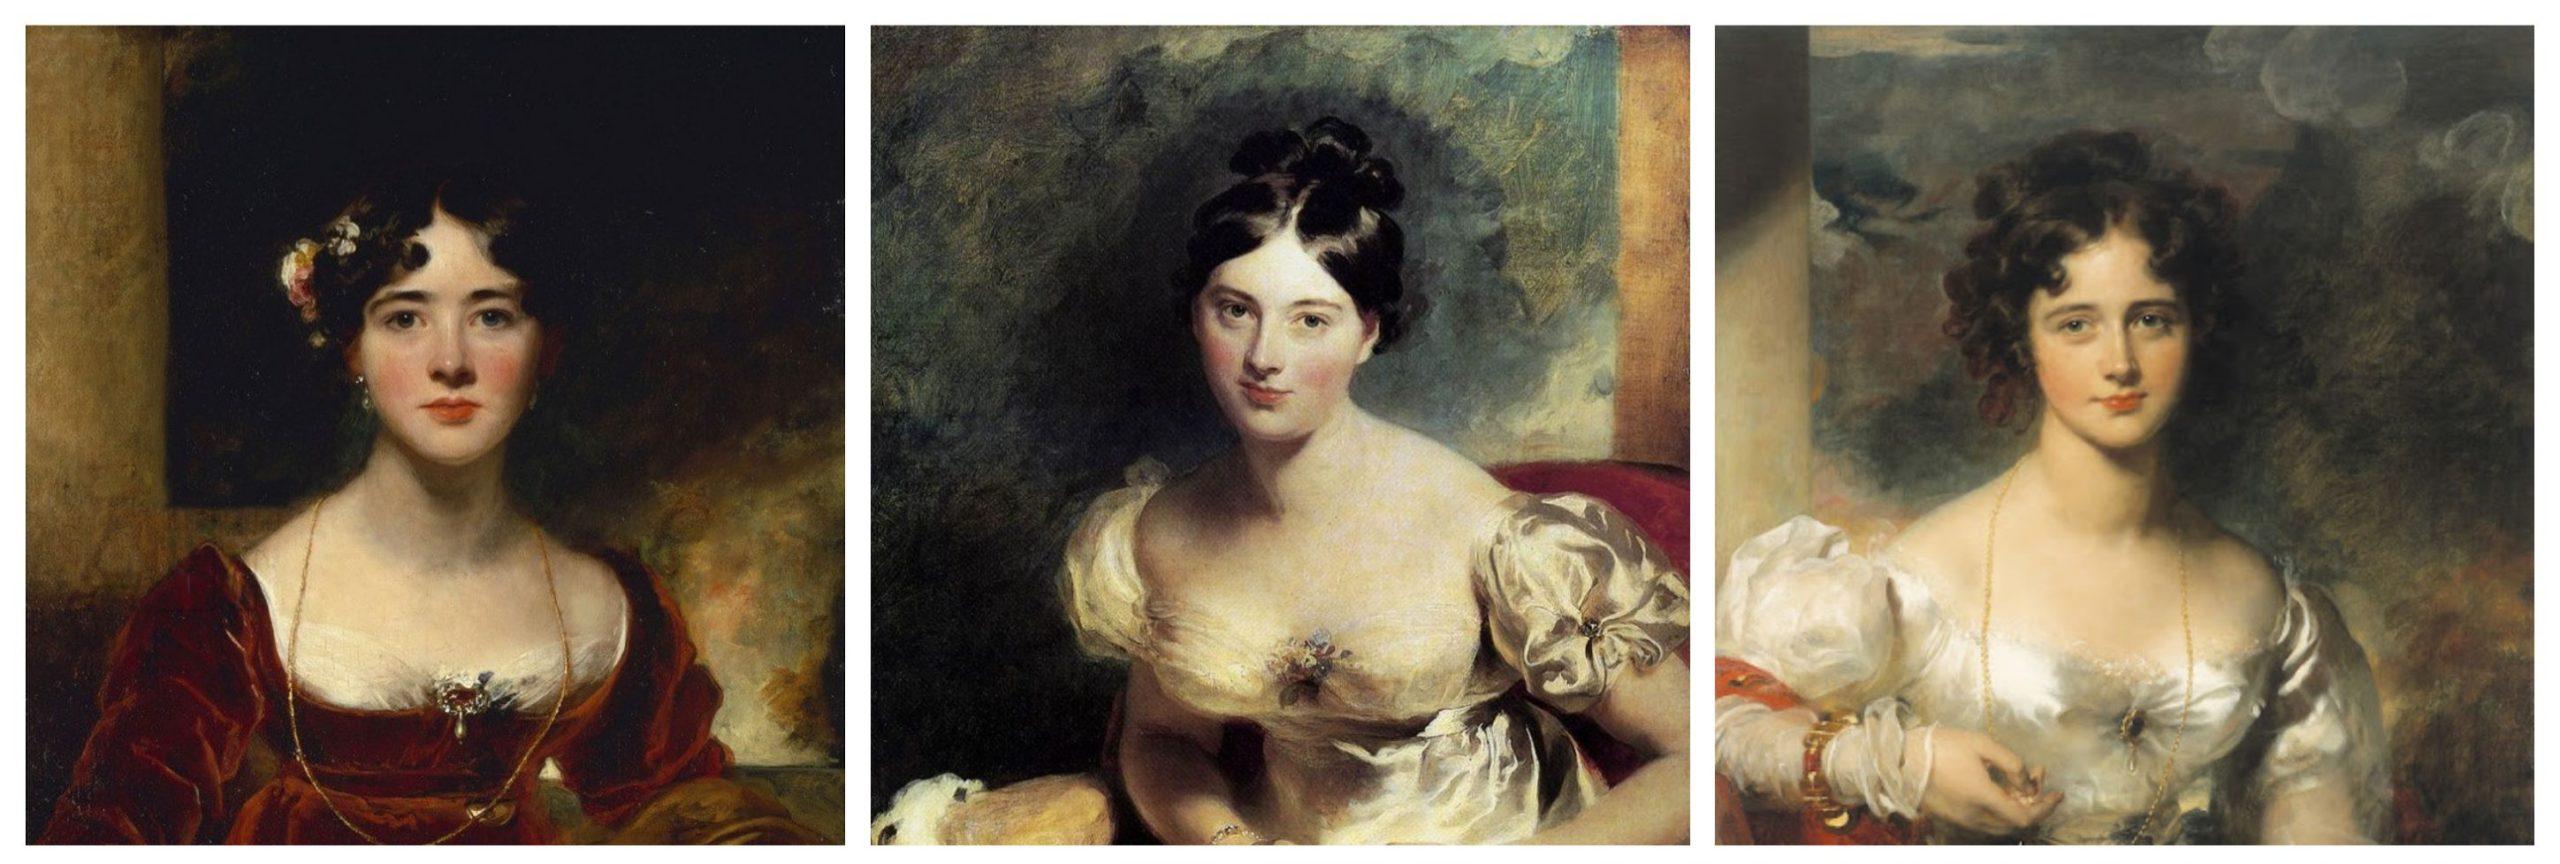 Regency women's makeup